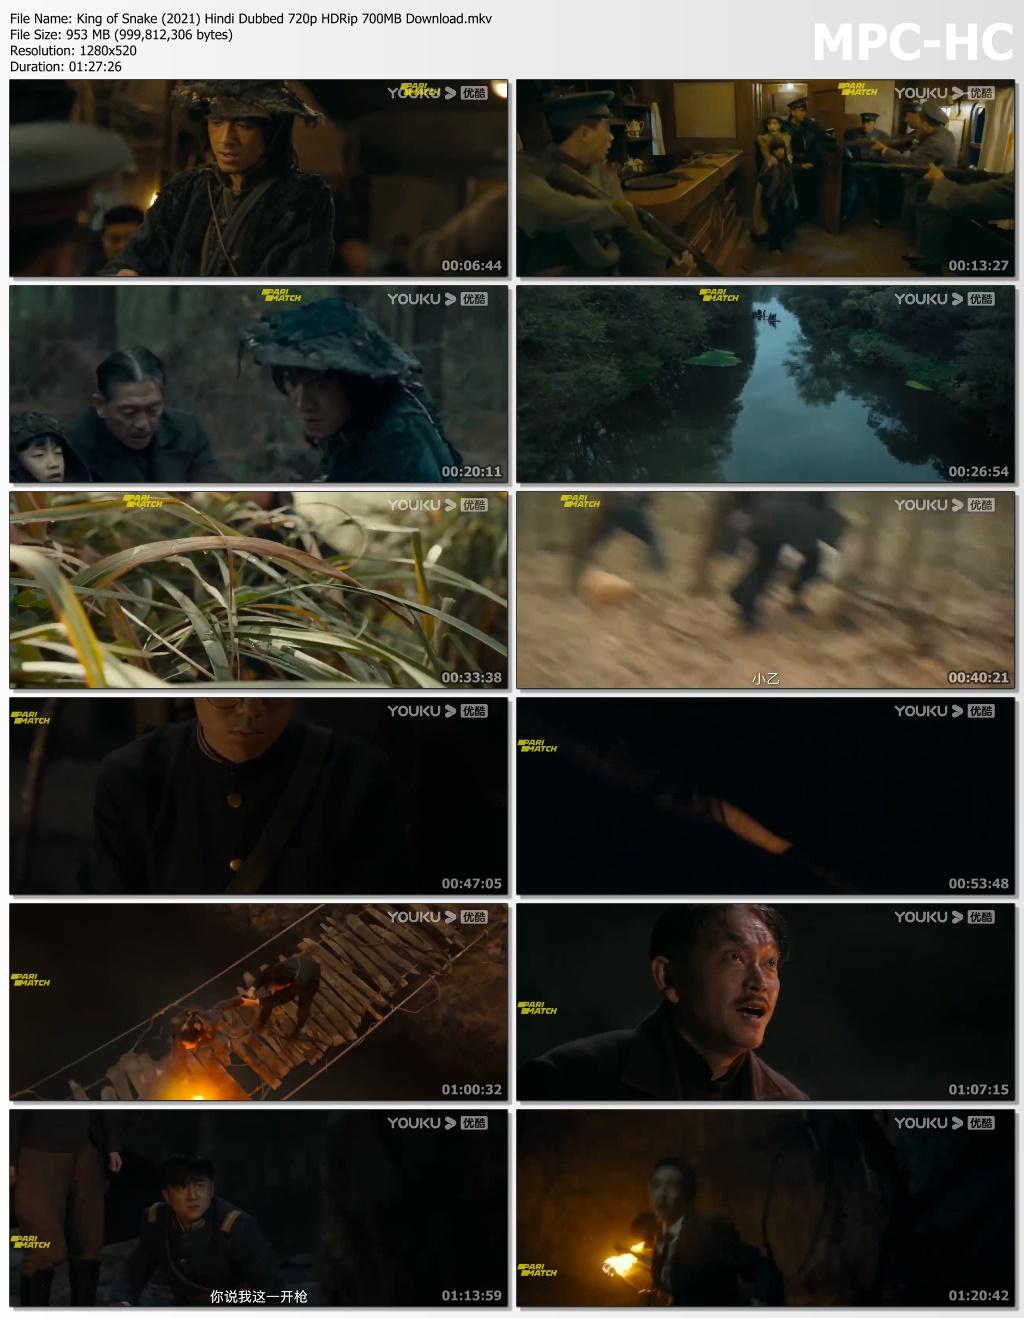 King-of-Snake-2021-Hindi-Dubbed-720p-HDRip-700-MB-Download-mkv-thumbs